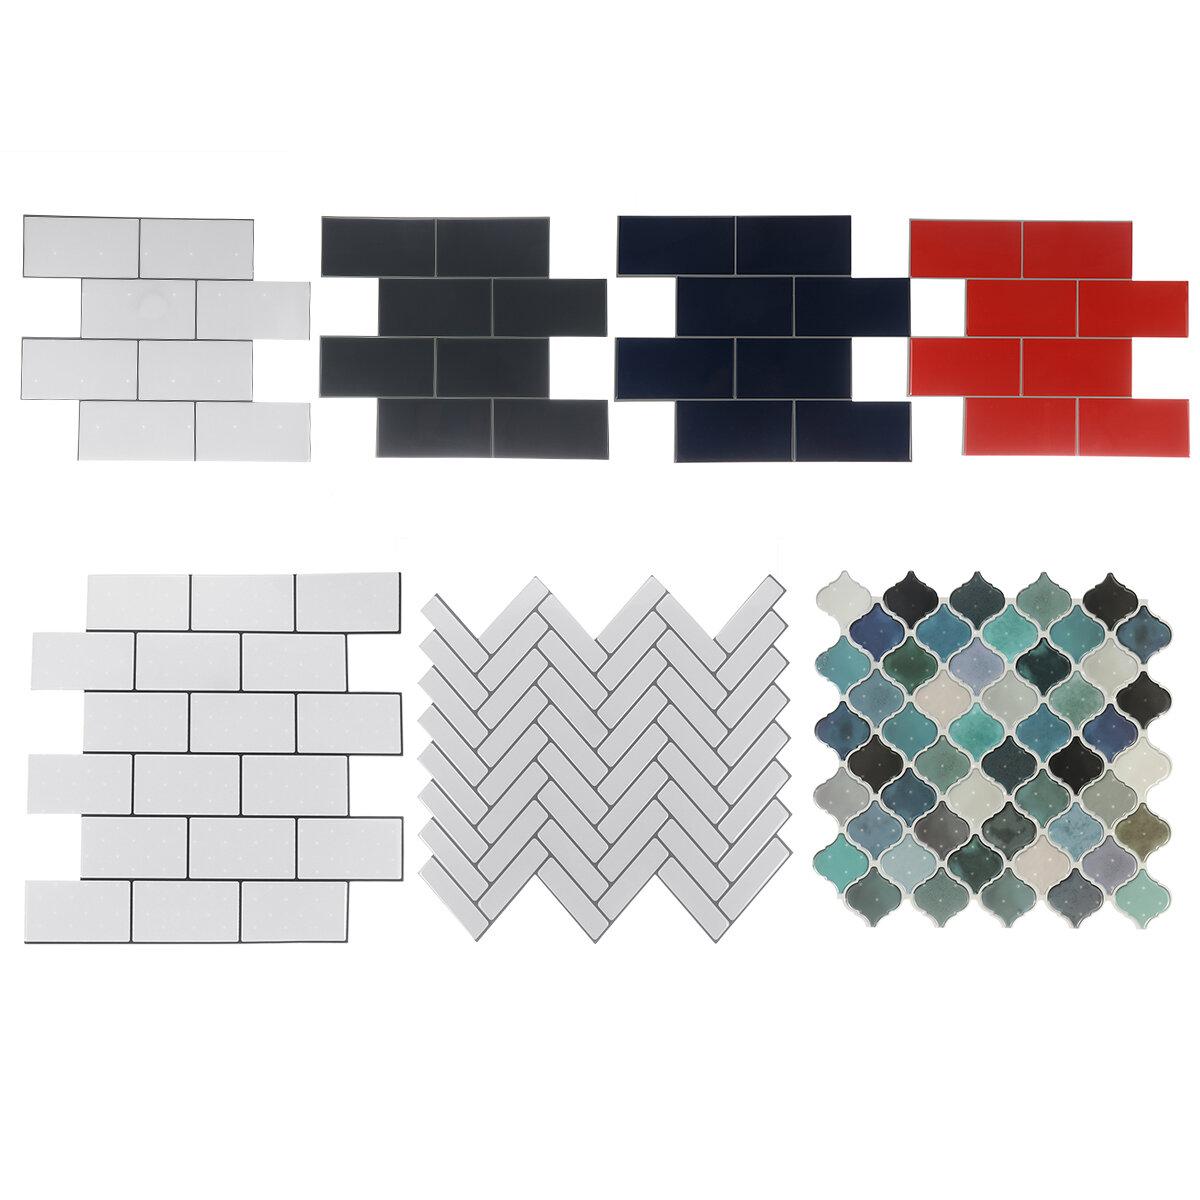 12 بوصة لتقوم بها بنفسك بلاط ملصقات ثلاثية الأبعاد جدار من الطوب ذاتية اللصق ملصق الحمام المطبخ